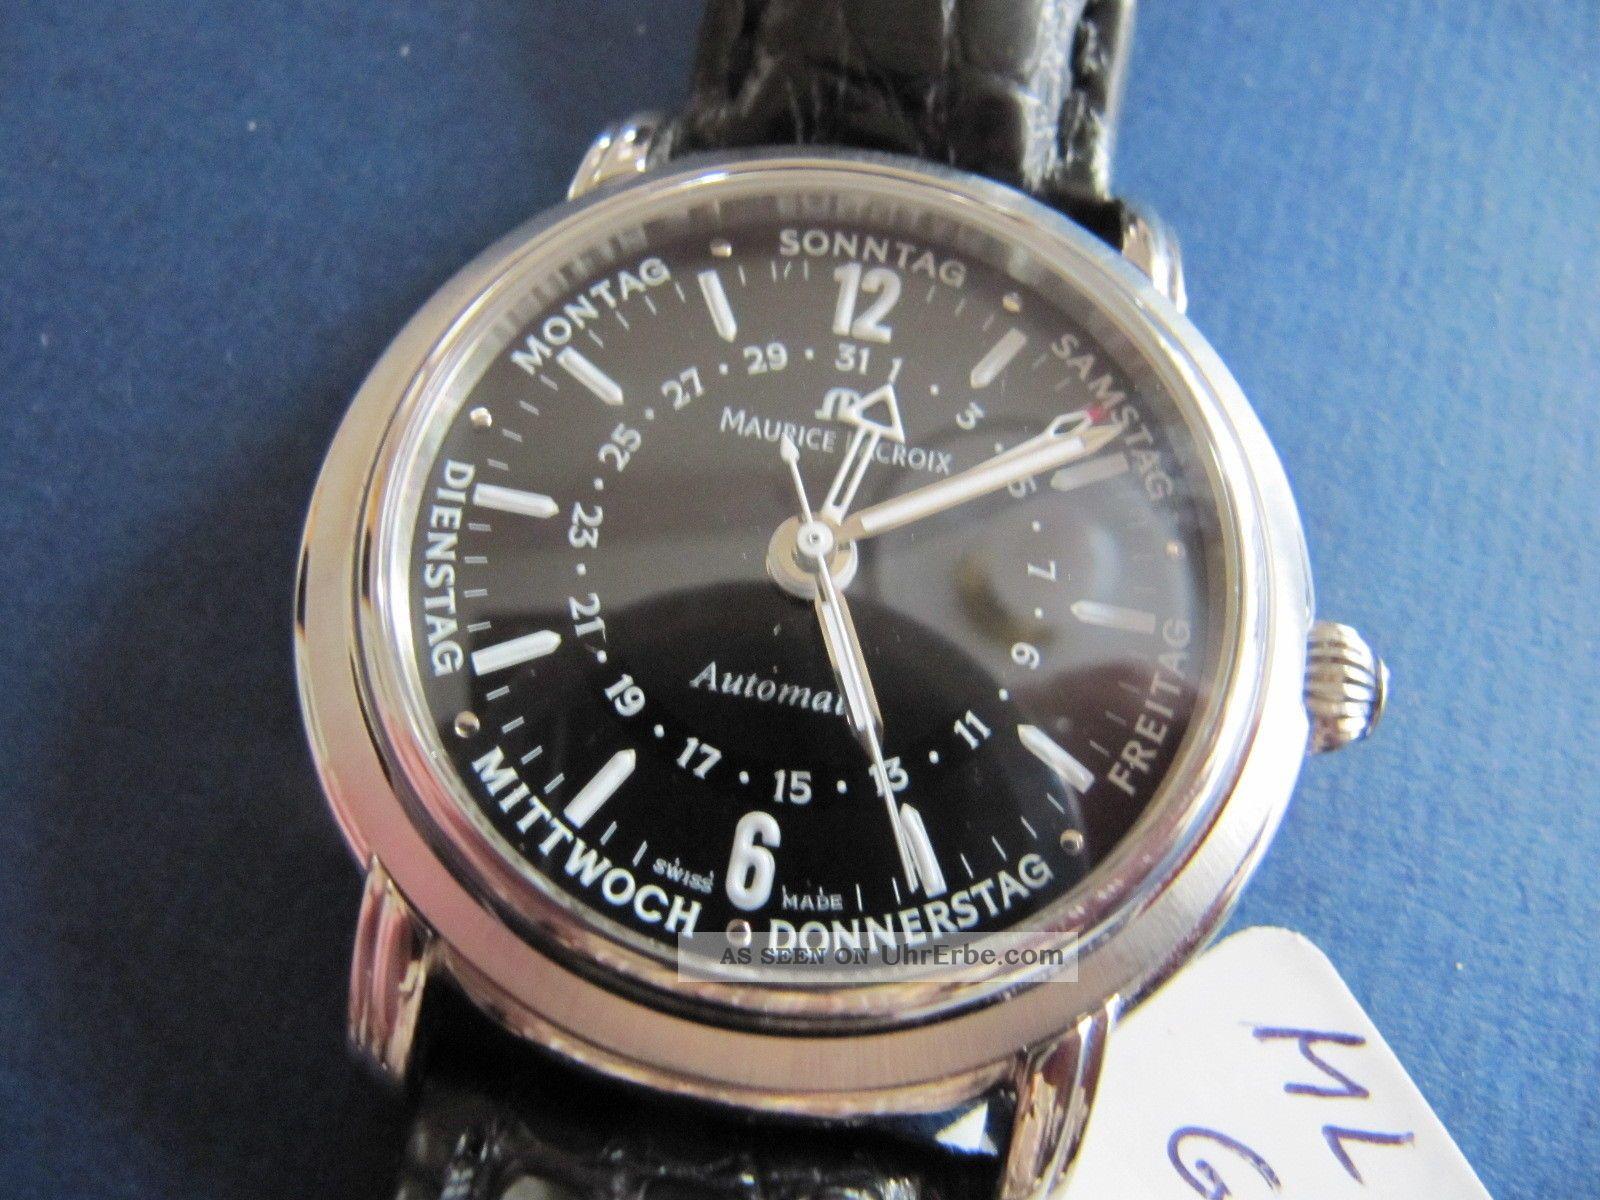 Maurice Lacroix Masterpiece Cinq Aiguilles - 5 Zeiger Uhr Automatic Armbanduhren Bild